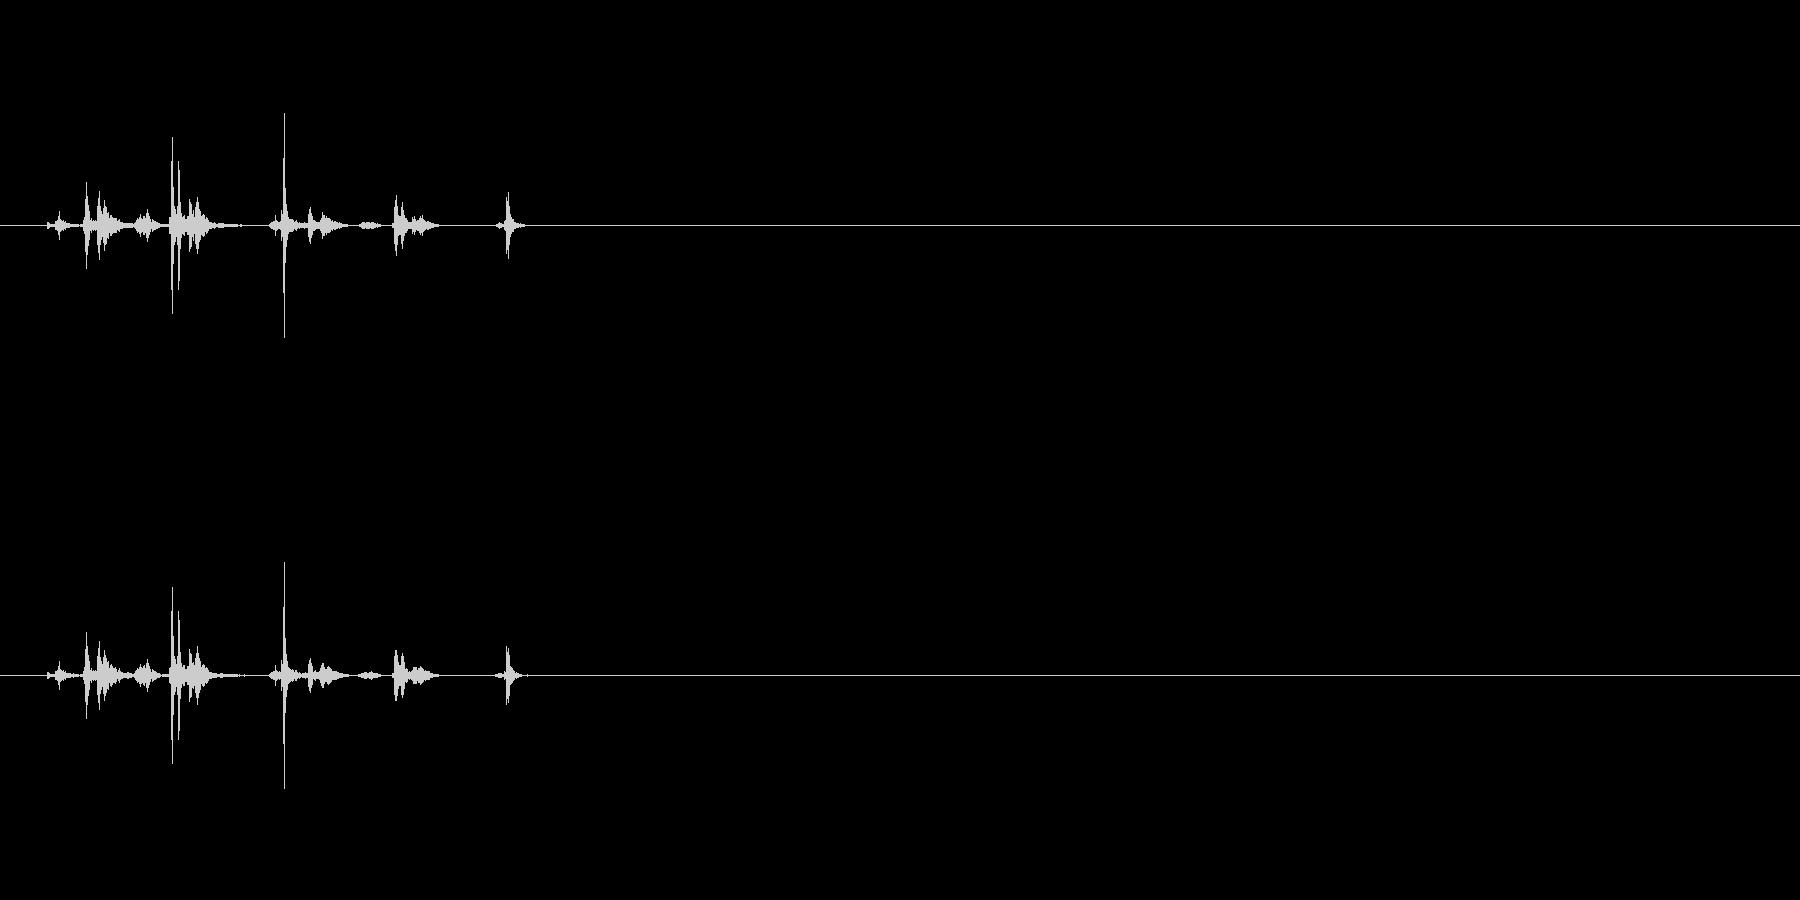 シャッター音03(2連写)Var2-3の未再生の波形